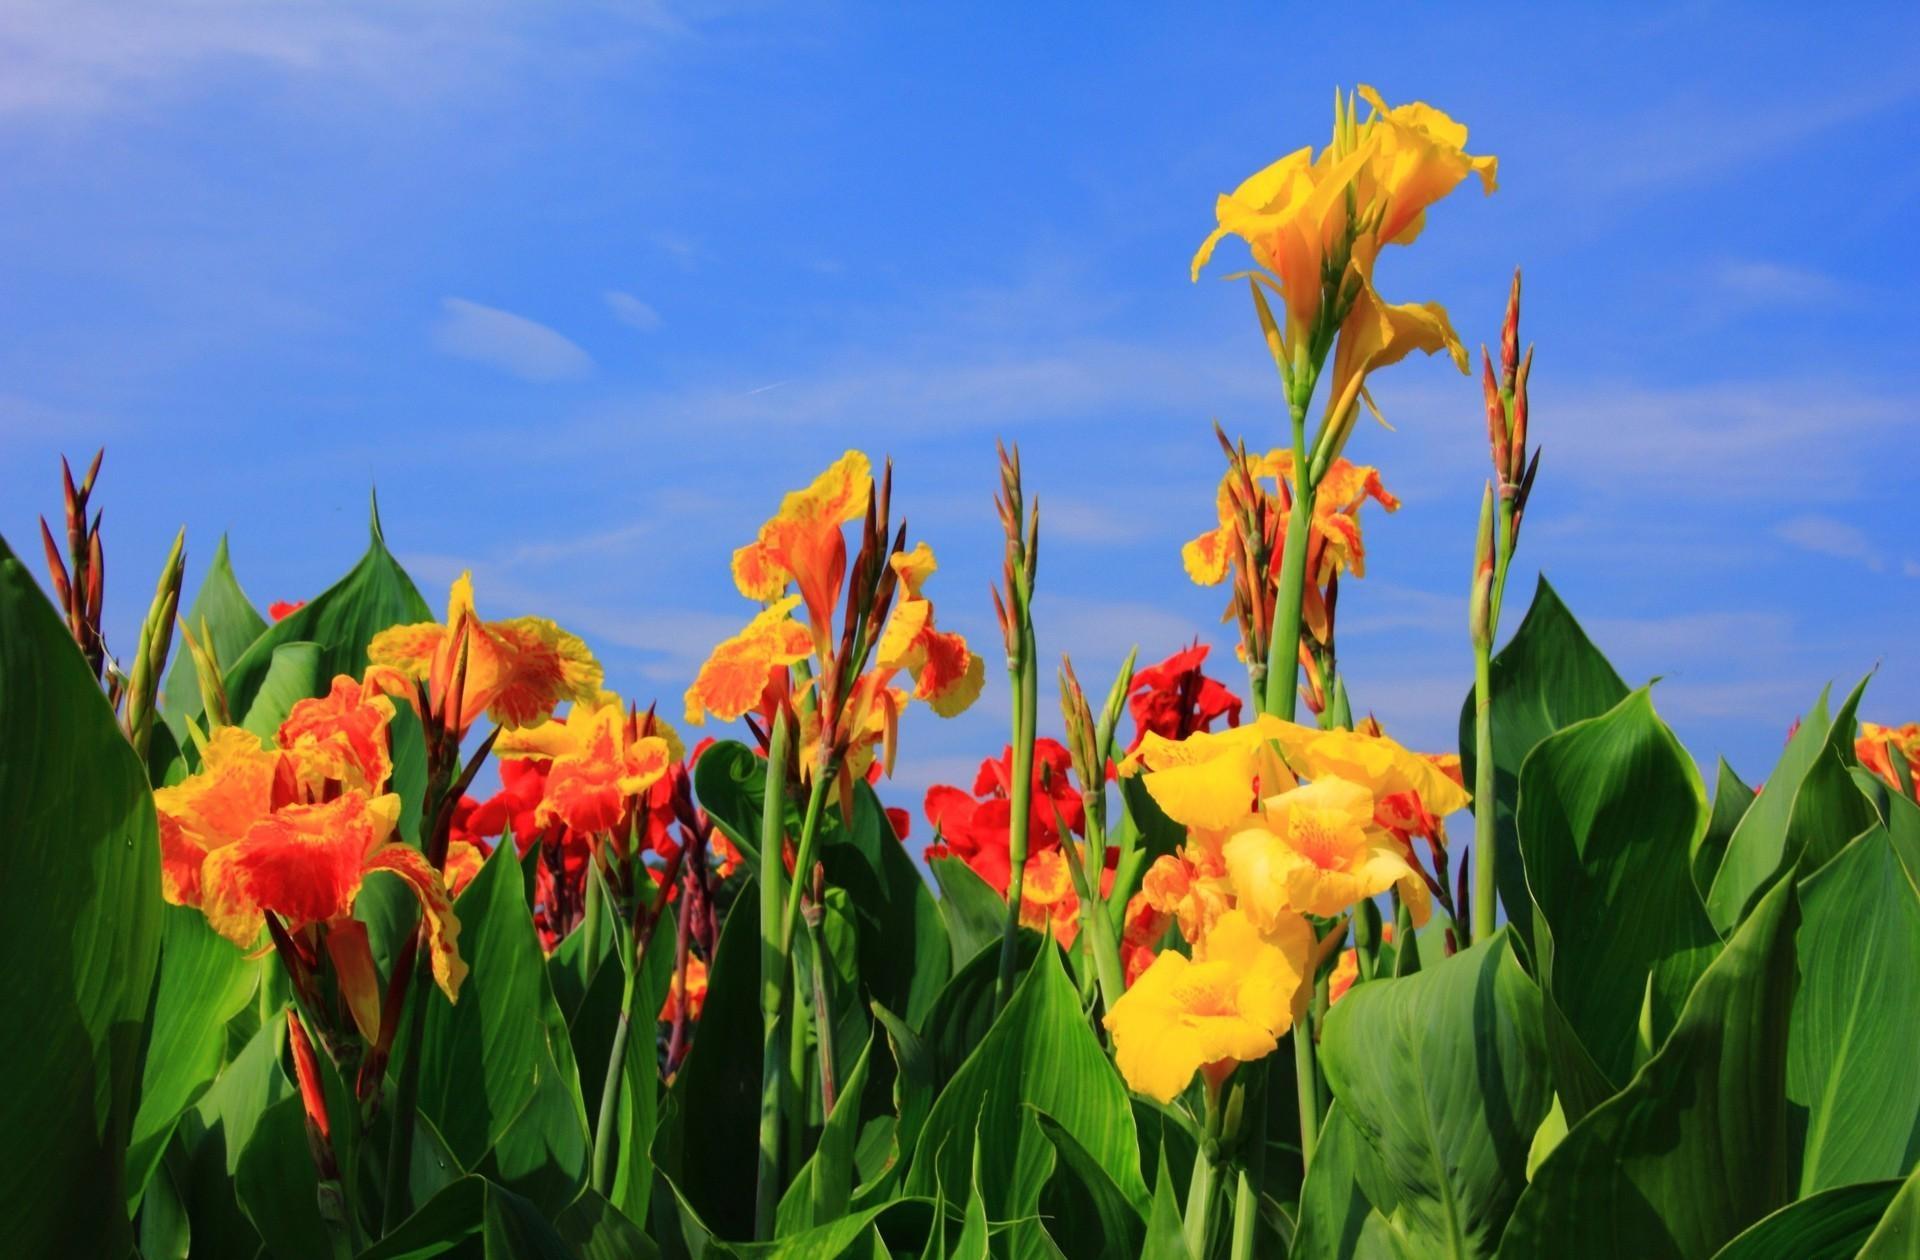 66594 скачать обои Цветы, Бутоны, Небо, Зелень, Гладиолусы - заставки и картинки бесплатно